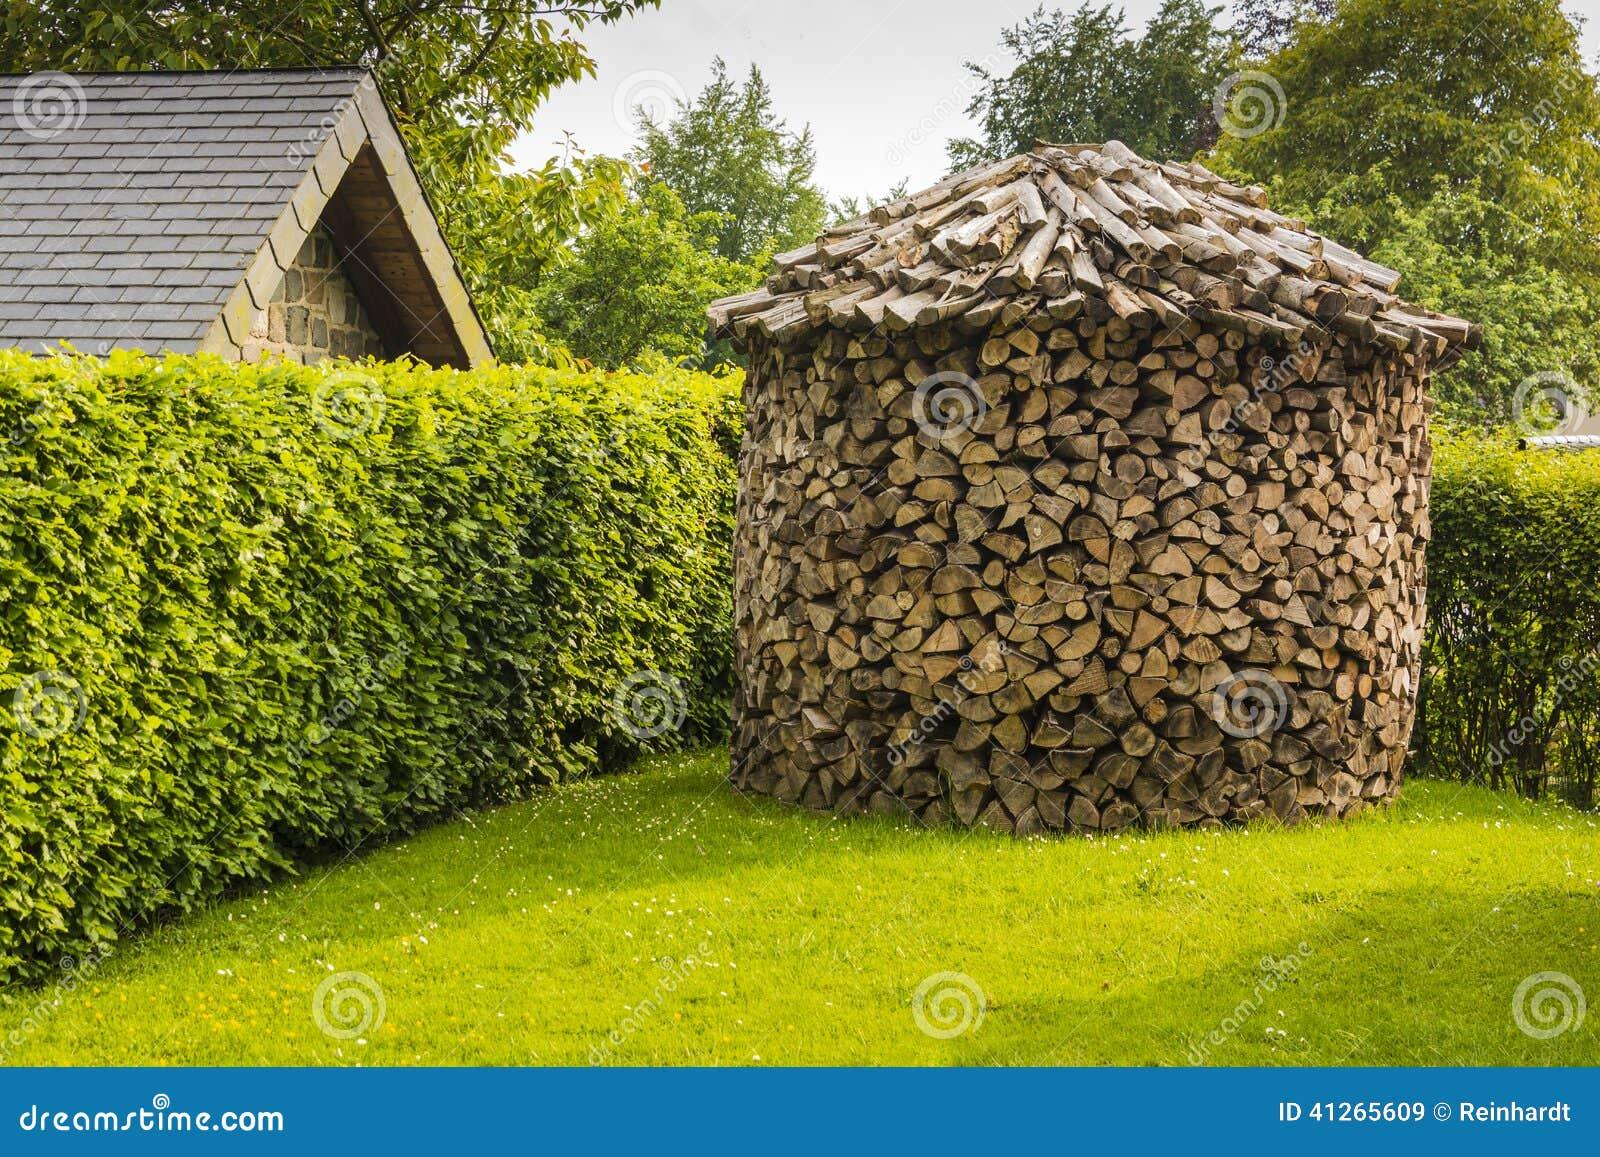 Round Woodpile Stock Photo Image 41265609